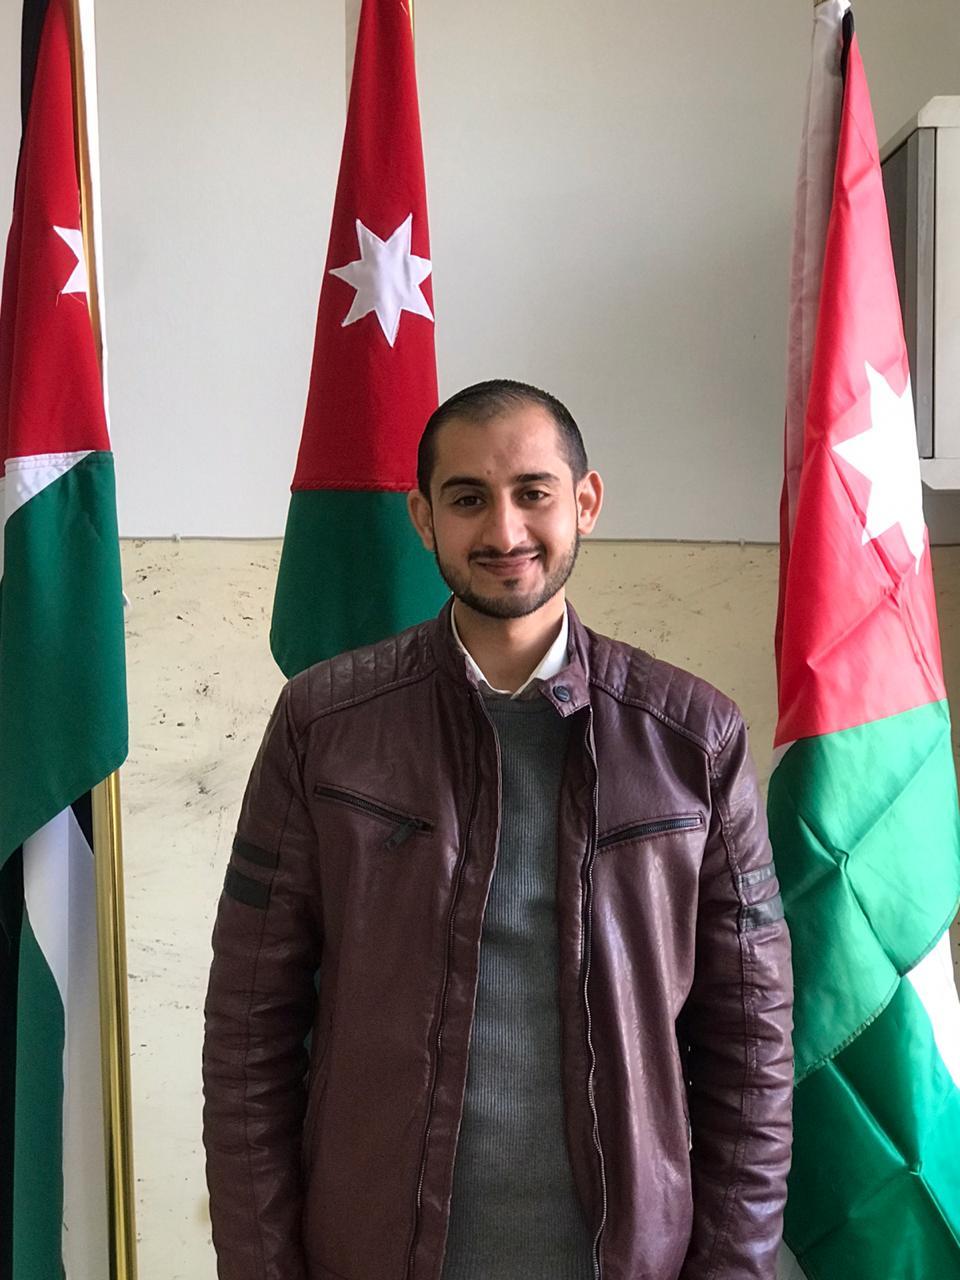 الأردنّ نموذج التكافل والتماسك المجتمعي